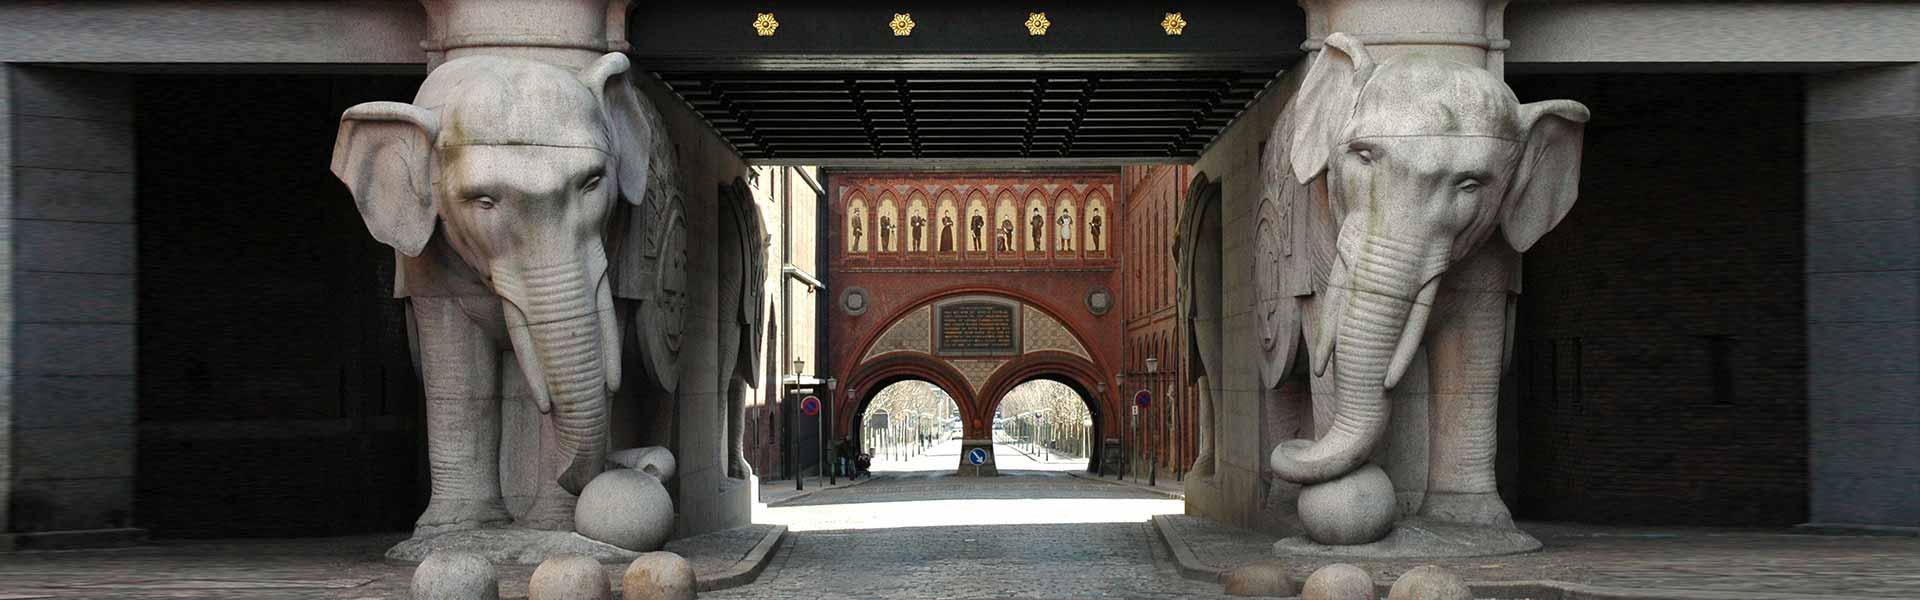 Außergewöhnlich und einzigartig: Das Carlsberg Visitor Center in Kopenhagen, Dänemark